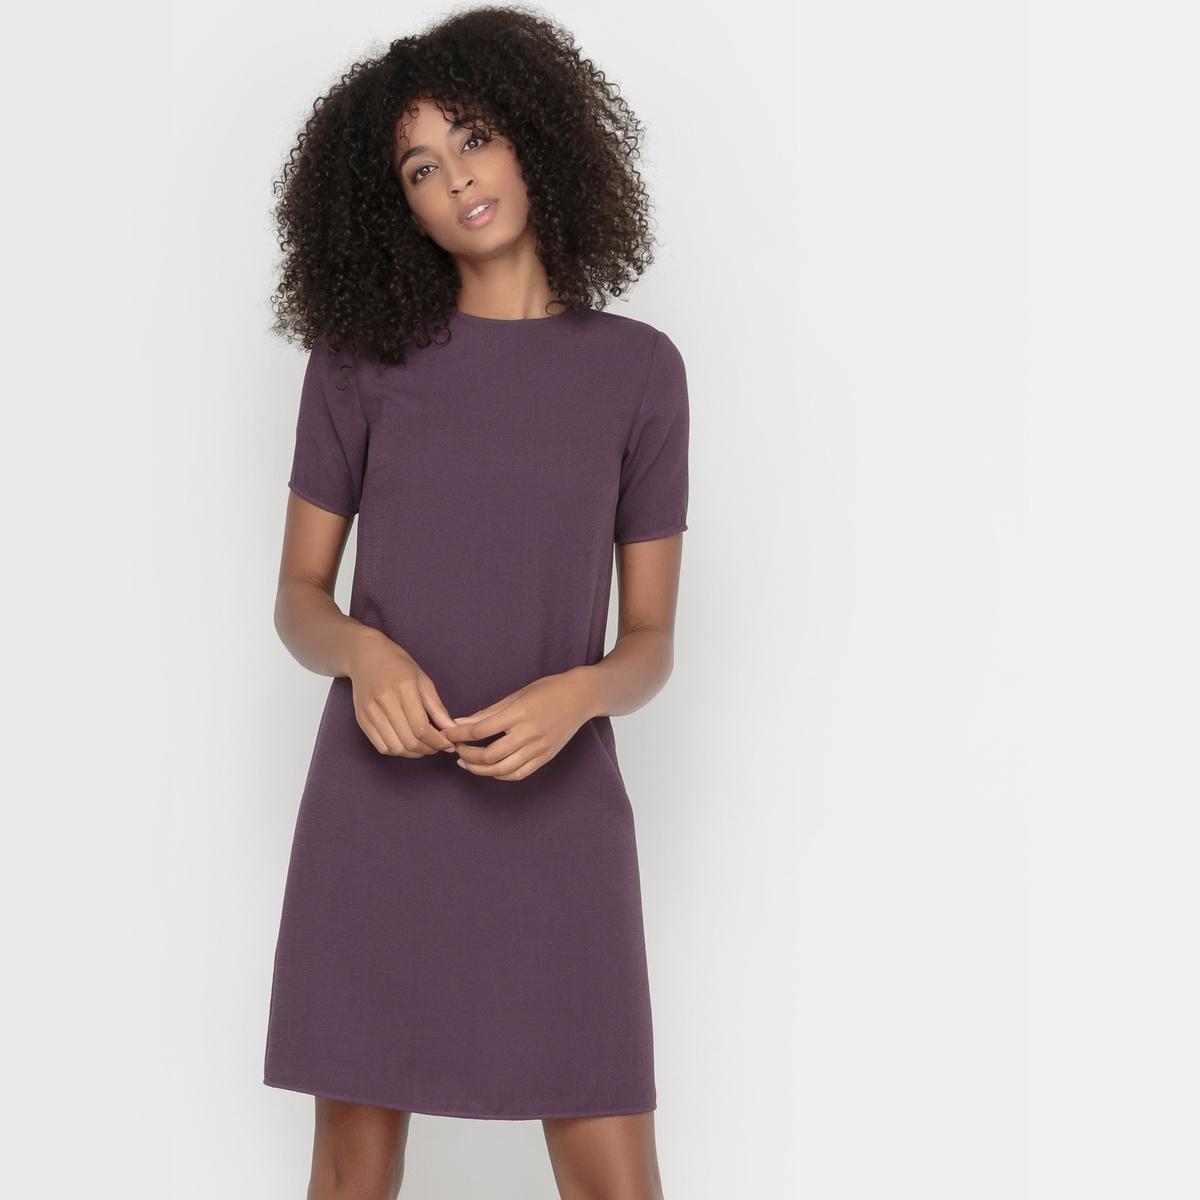 Платье с короткими рукавамиПлатье с короткими рукавами .Изящный прямой покрой, комфортный при носке . Небольшой круглый вырез . Застежка на молнию сзади. . 100% полиэстера с рельефным эффектом . Подкладка 100% полиэстера только для цвета слоновой кости  . Длина 92 см .<br><br>Цвет: фиолетовый<br>Размер: 42 (FR) - 48 (RUS)